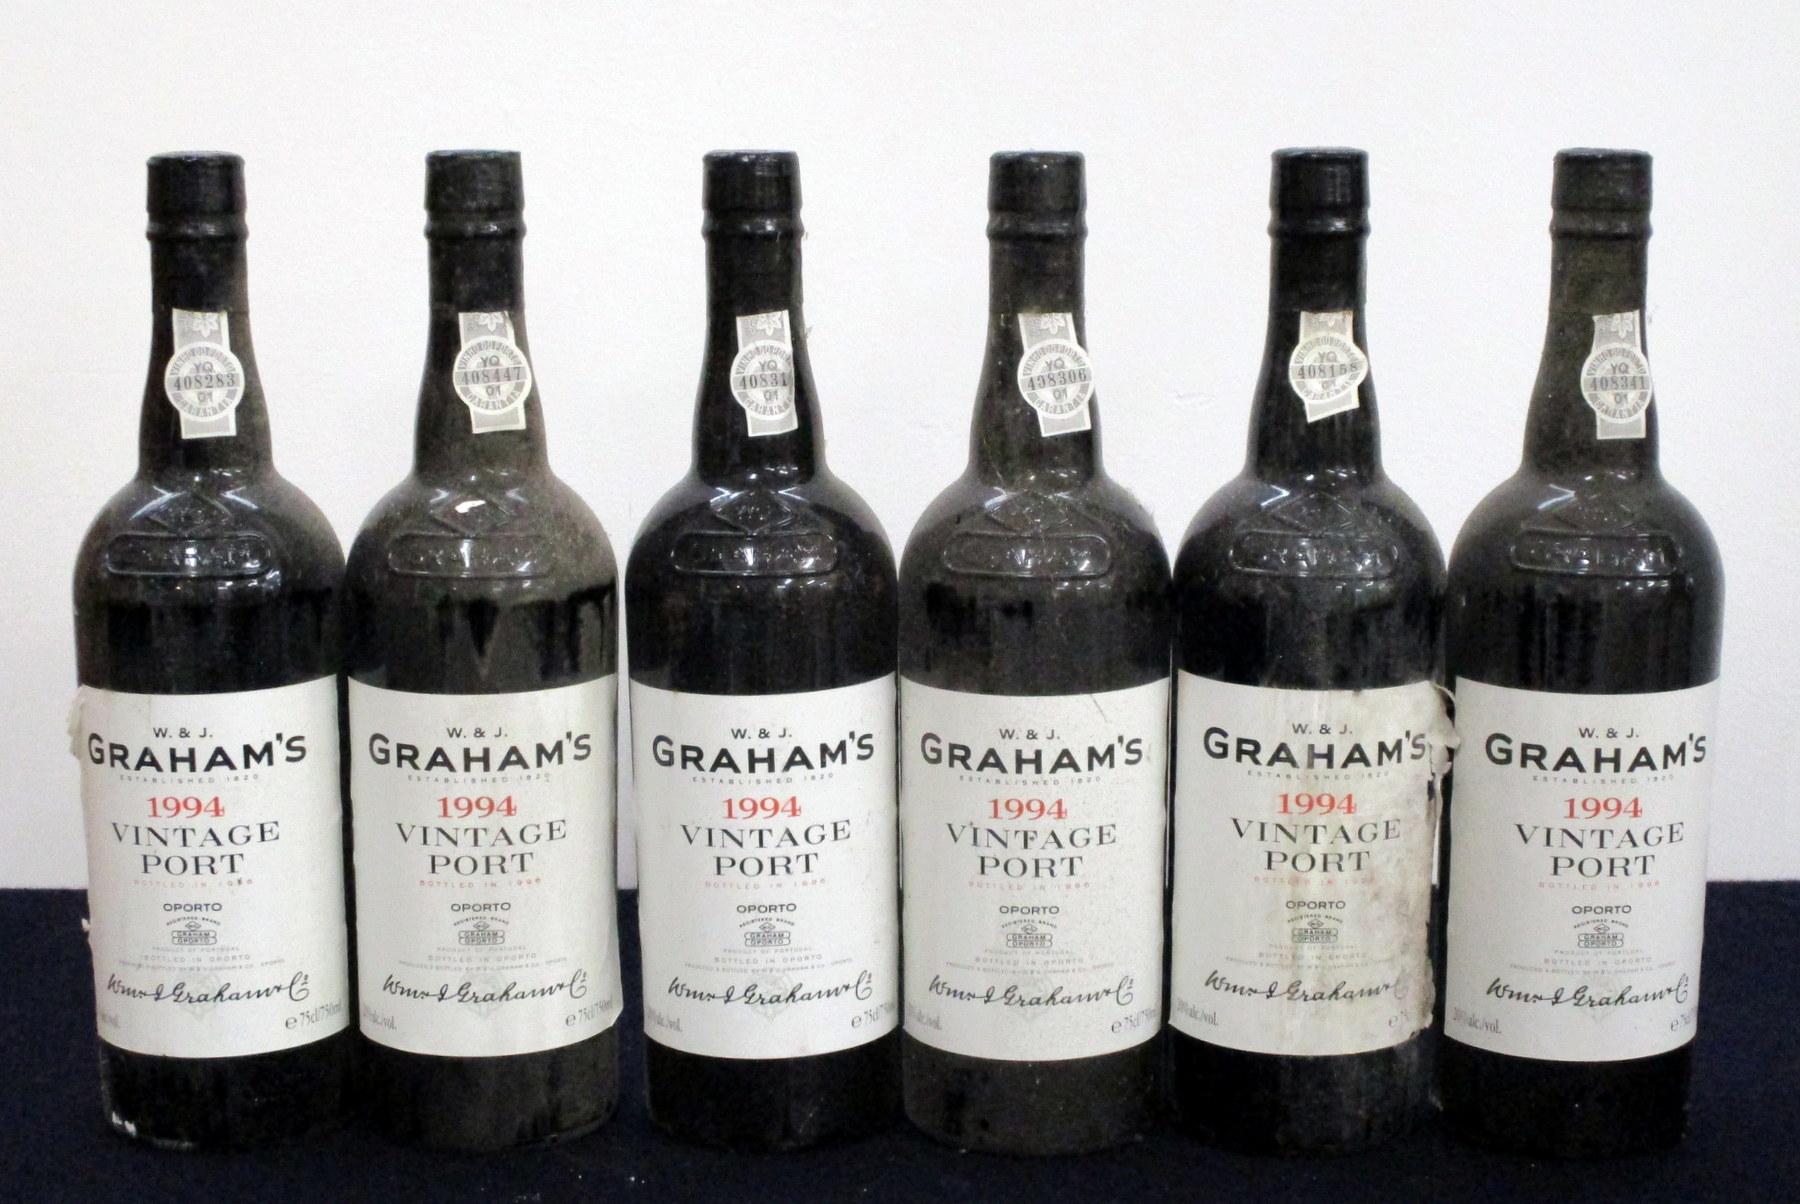 6 bts Grahams 1994 Vintage Port vsl bs, cdl